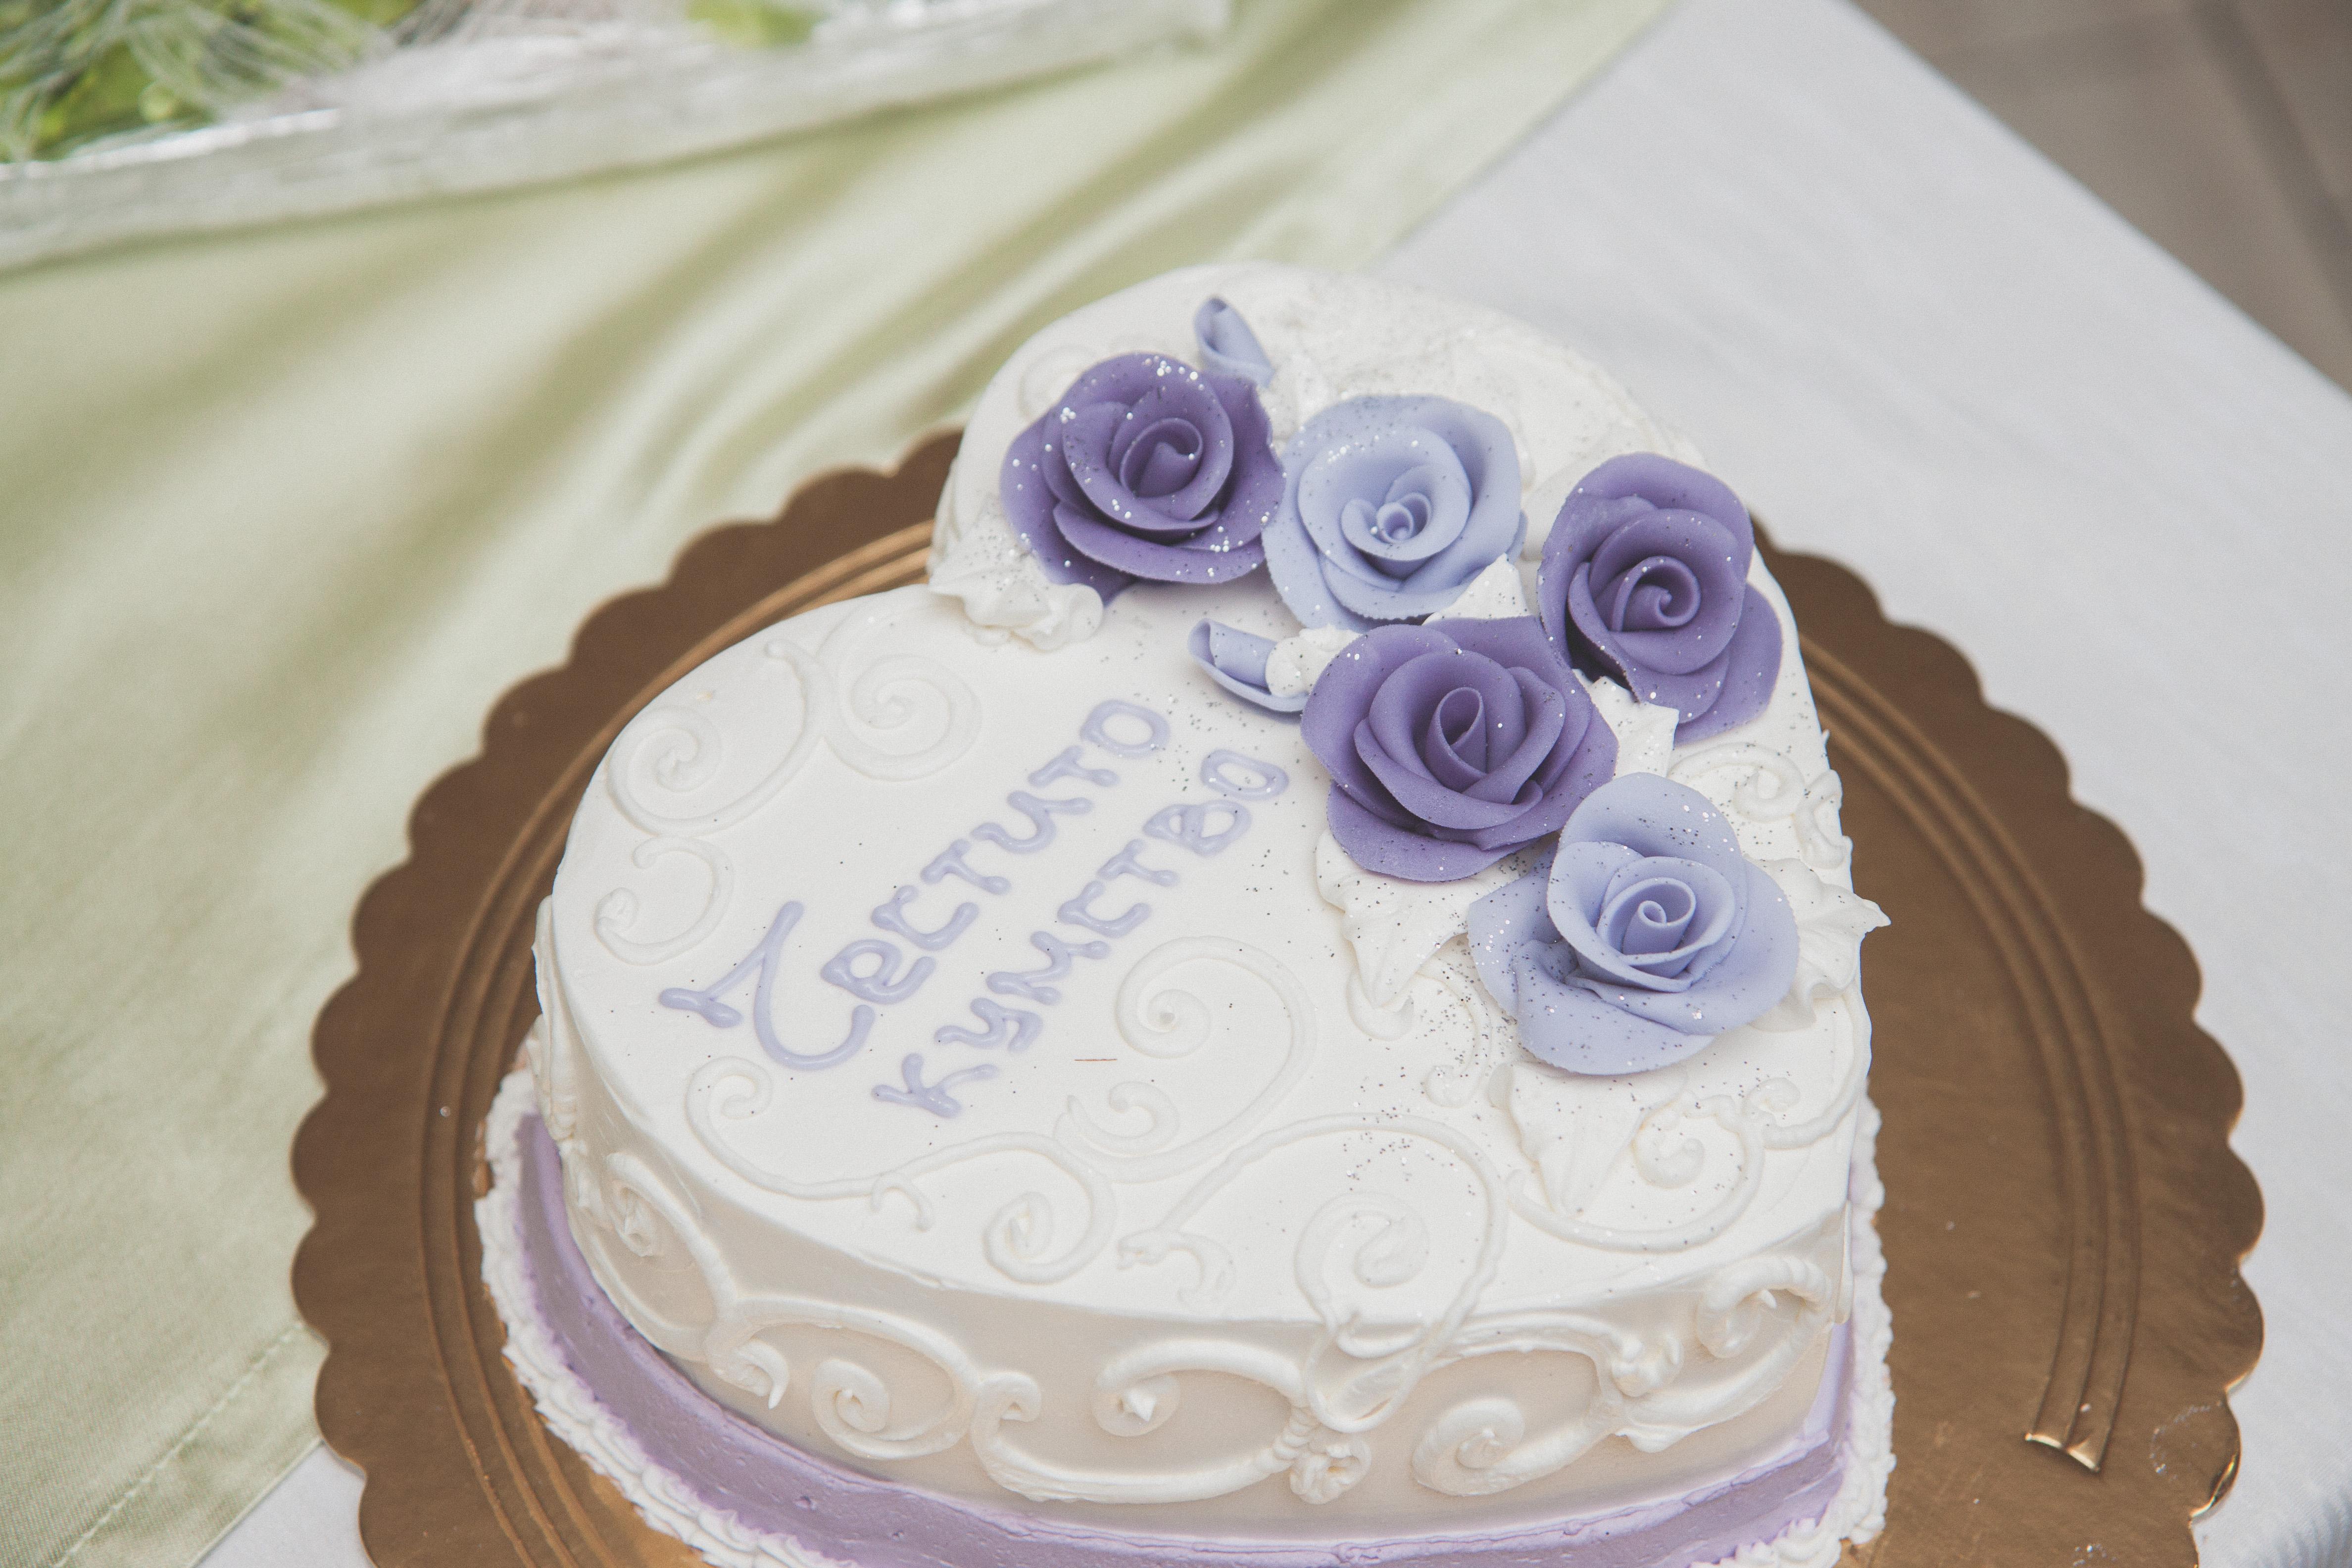 Event NewLive Agency - организация и реализация на сватби, фирмени и частни партита, балове, годежи и други.